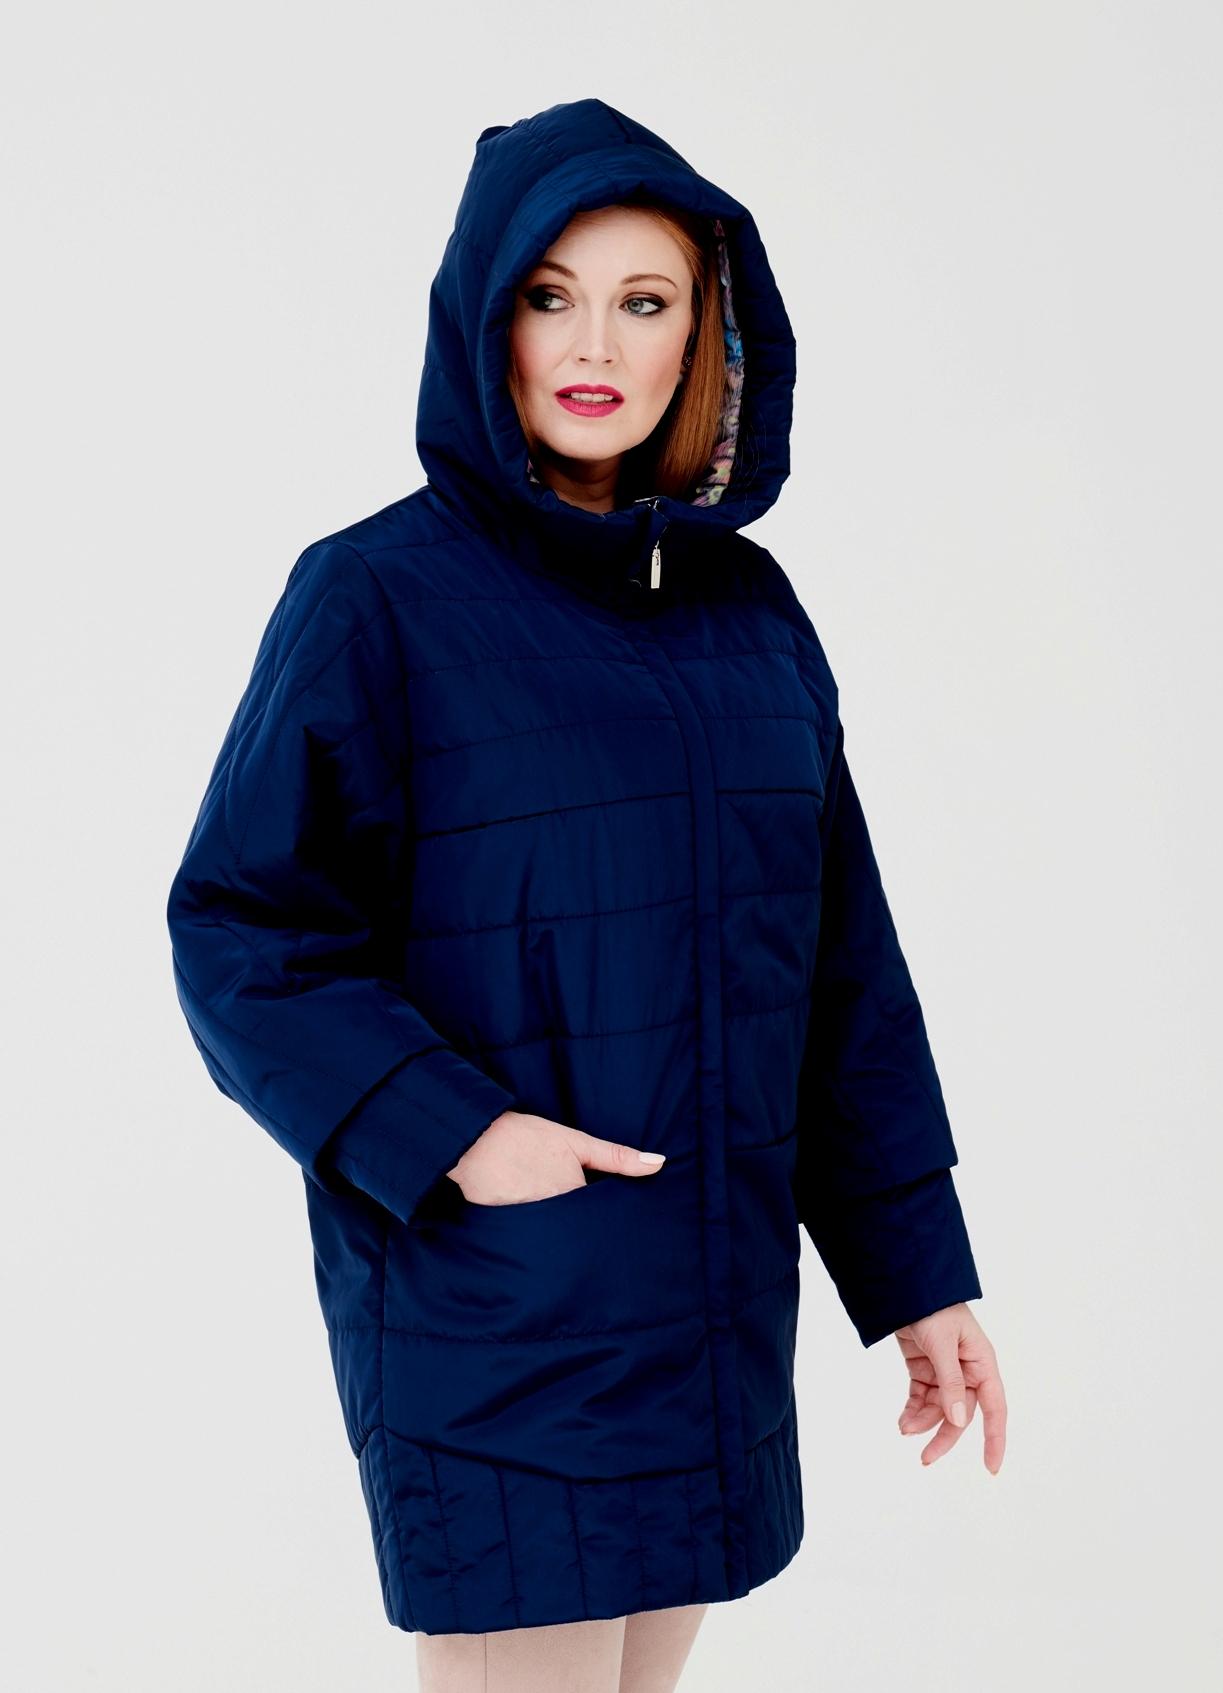 Купить со скидкой Куртка женская из текстиля с капюшоном, без отделки